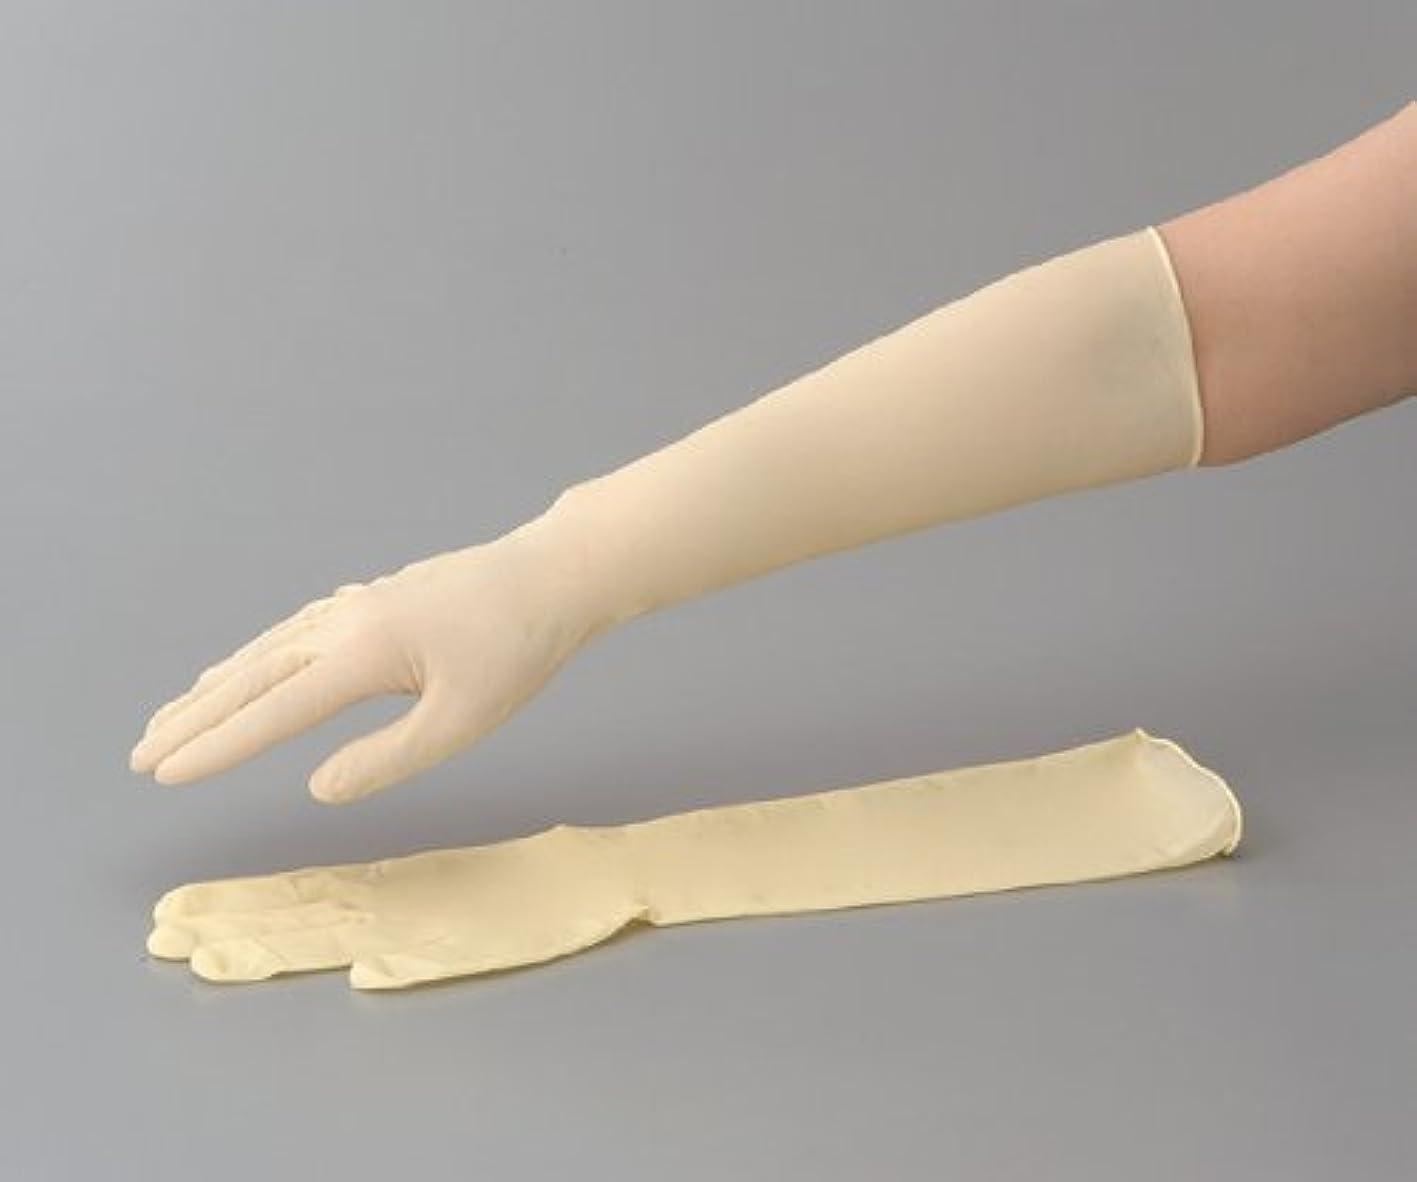 サンダースにおい競うラテックスロング手袋(スーパーロング) No.336 M 1袋(50枚入)